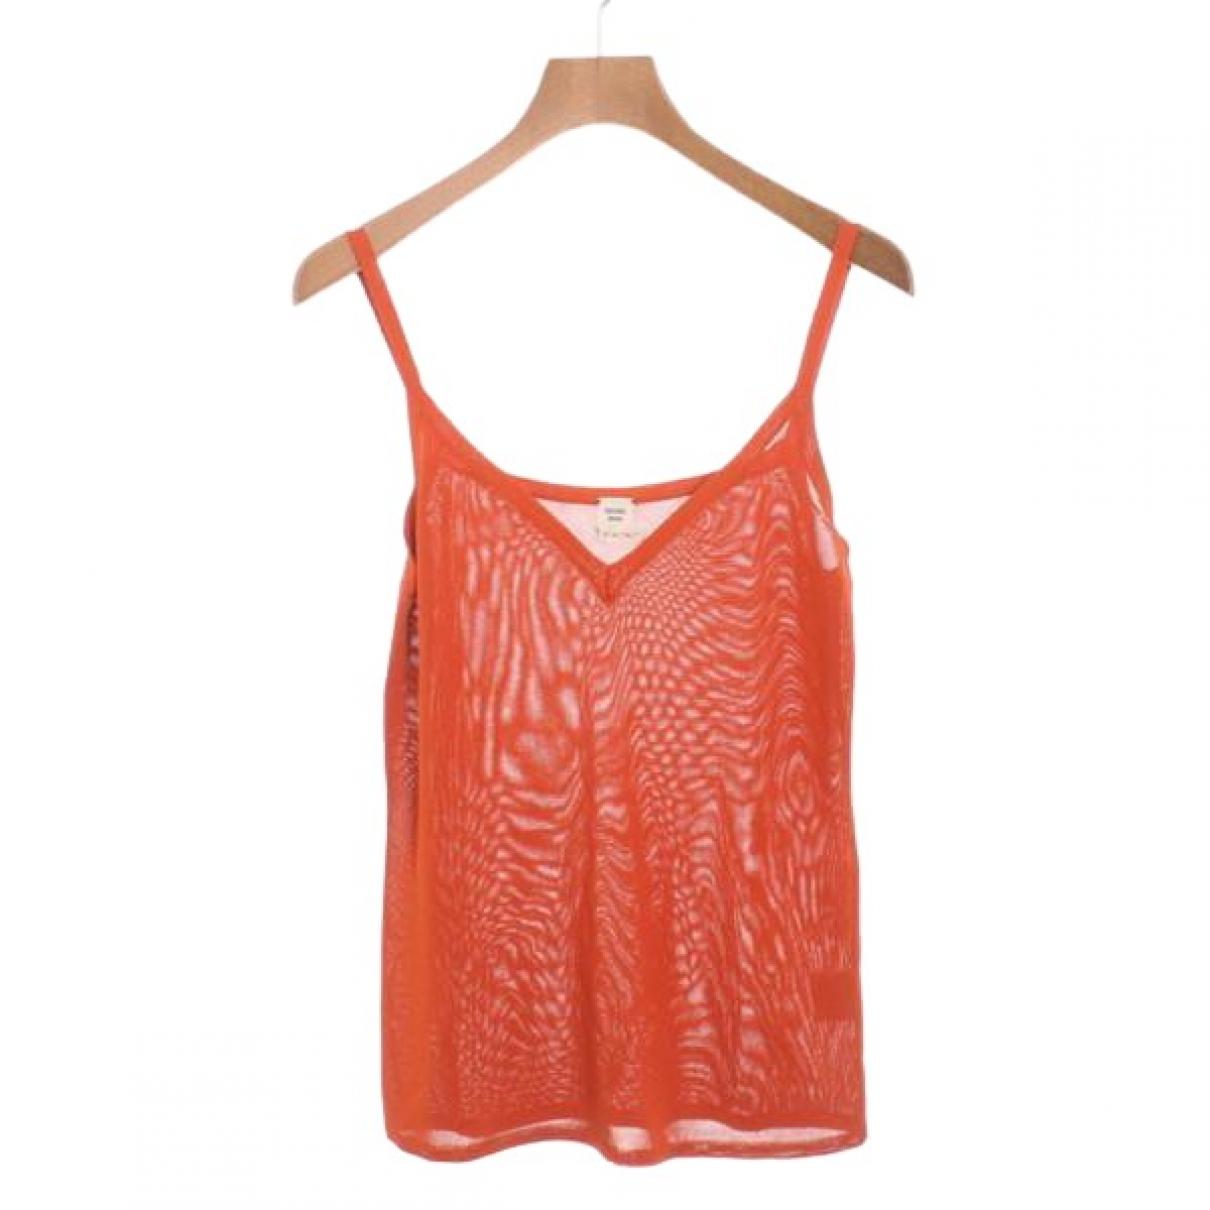 Hermes - Top   pour femme - orange